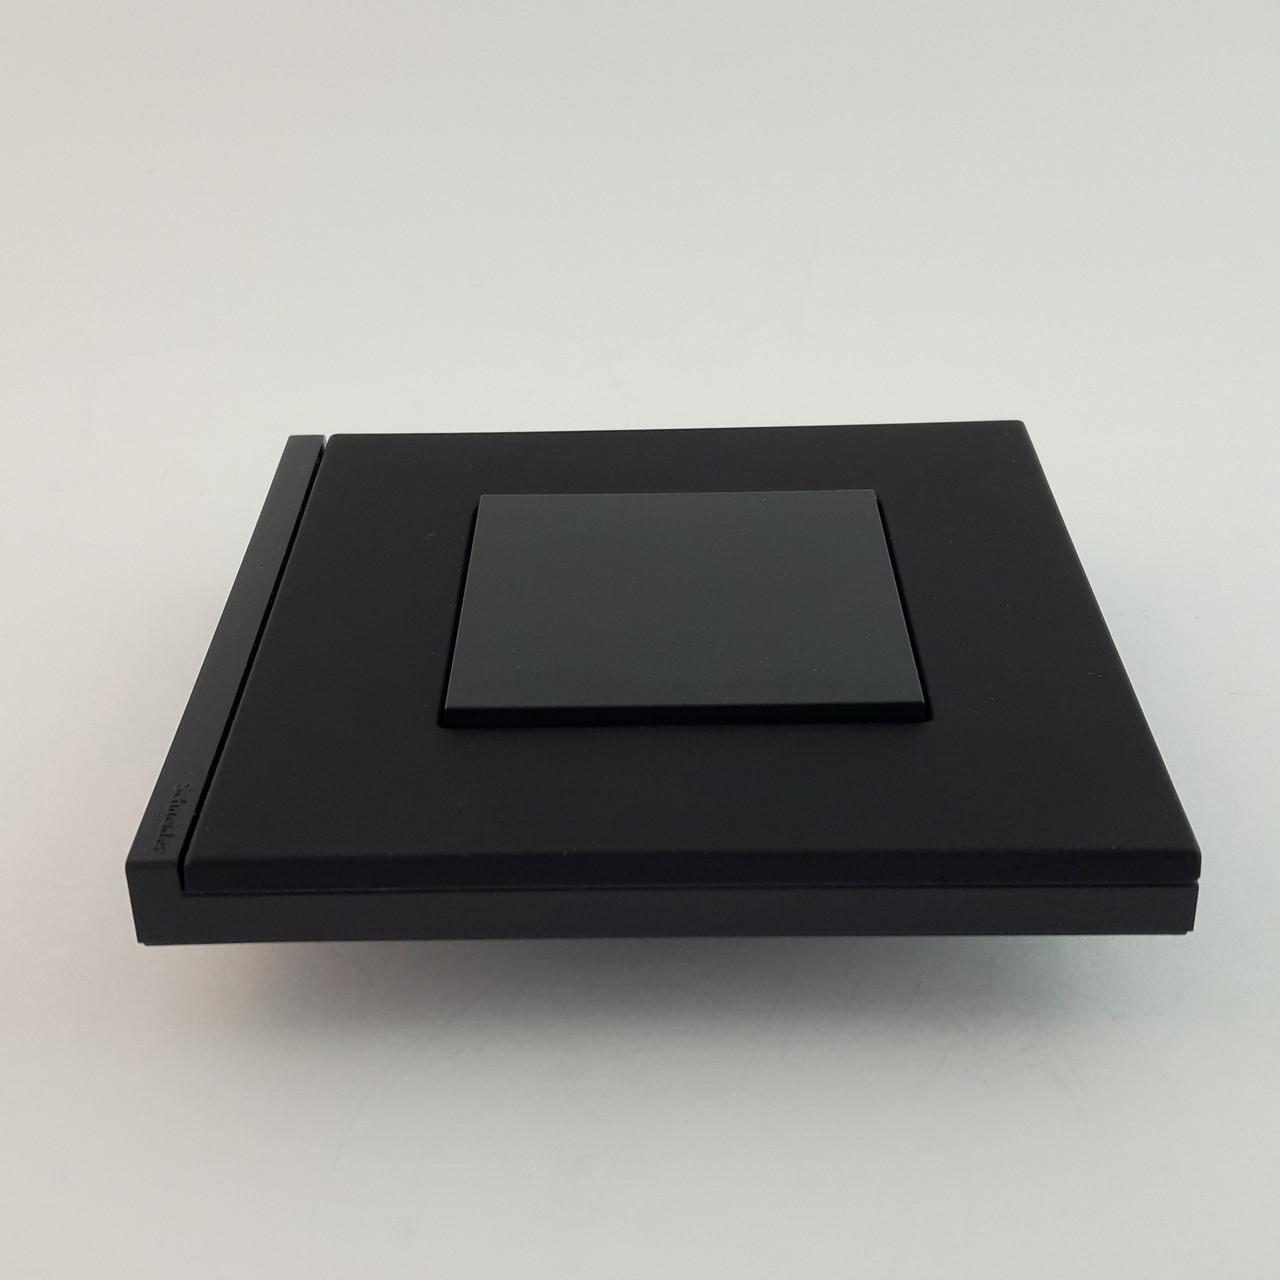 Рамка 2 постовая вертикальная Unica Pure, каучук, 2х2 модуля